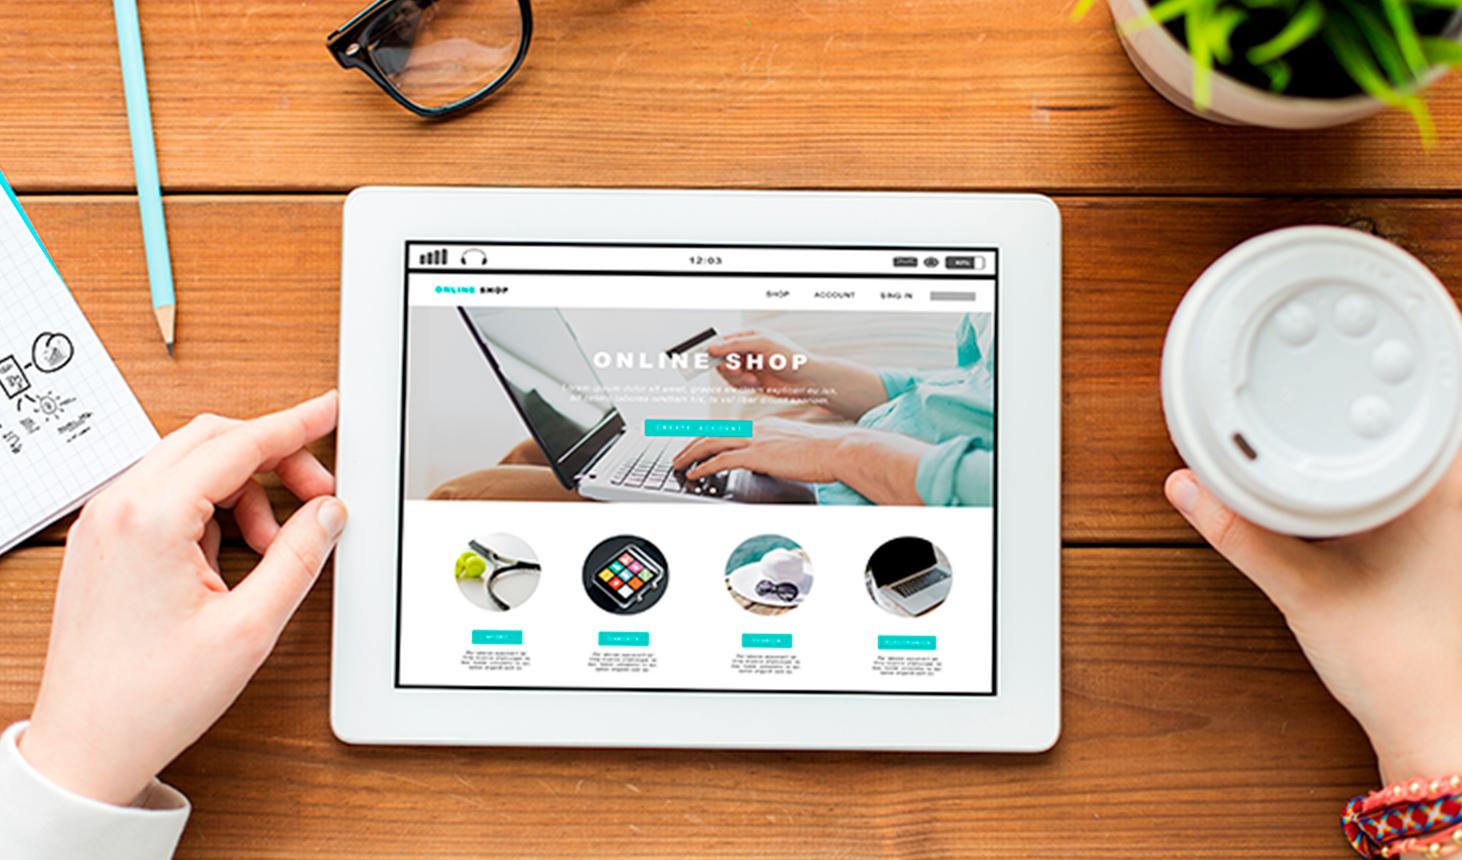 Seis passos para montar seu negócio digital